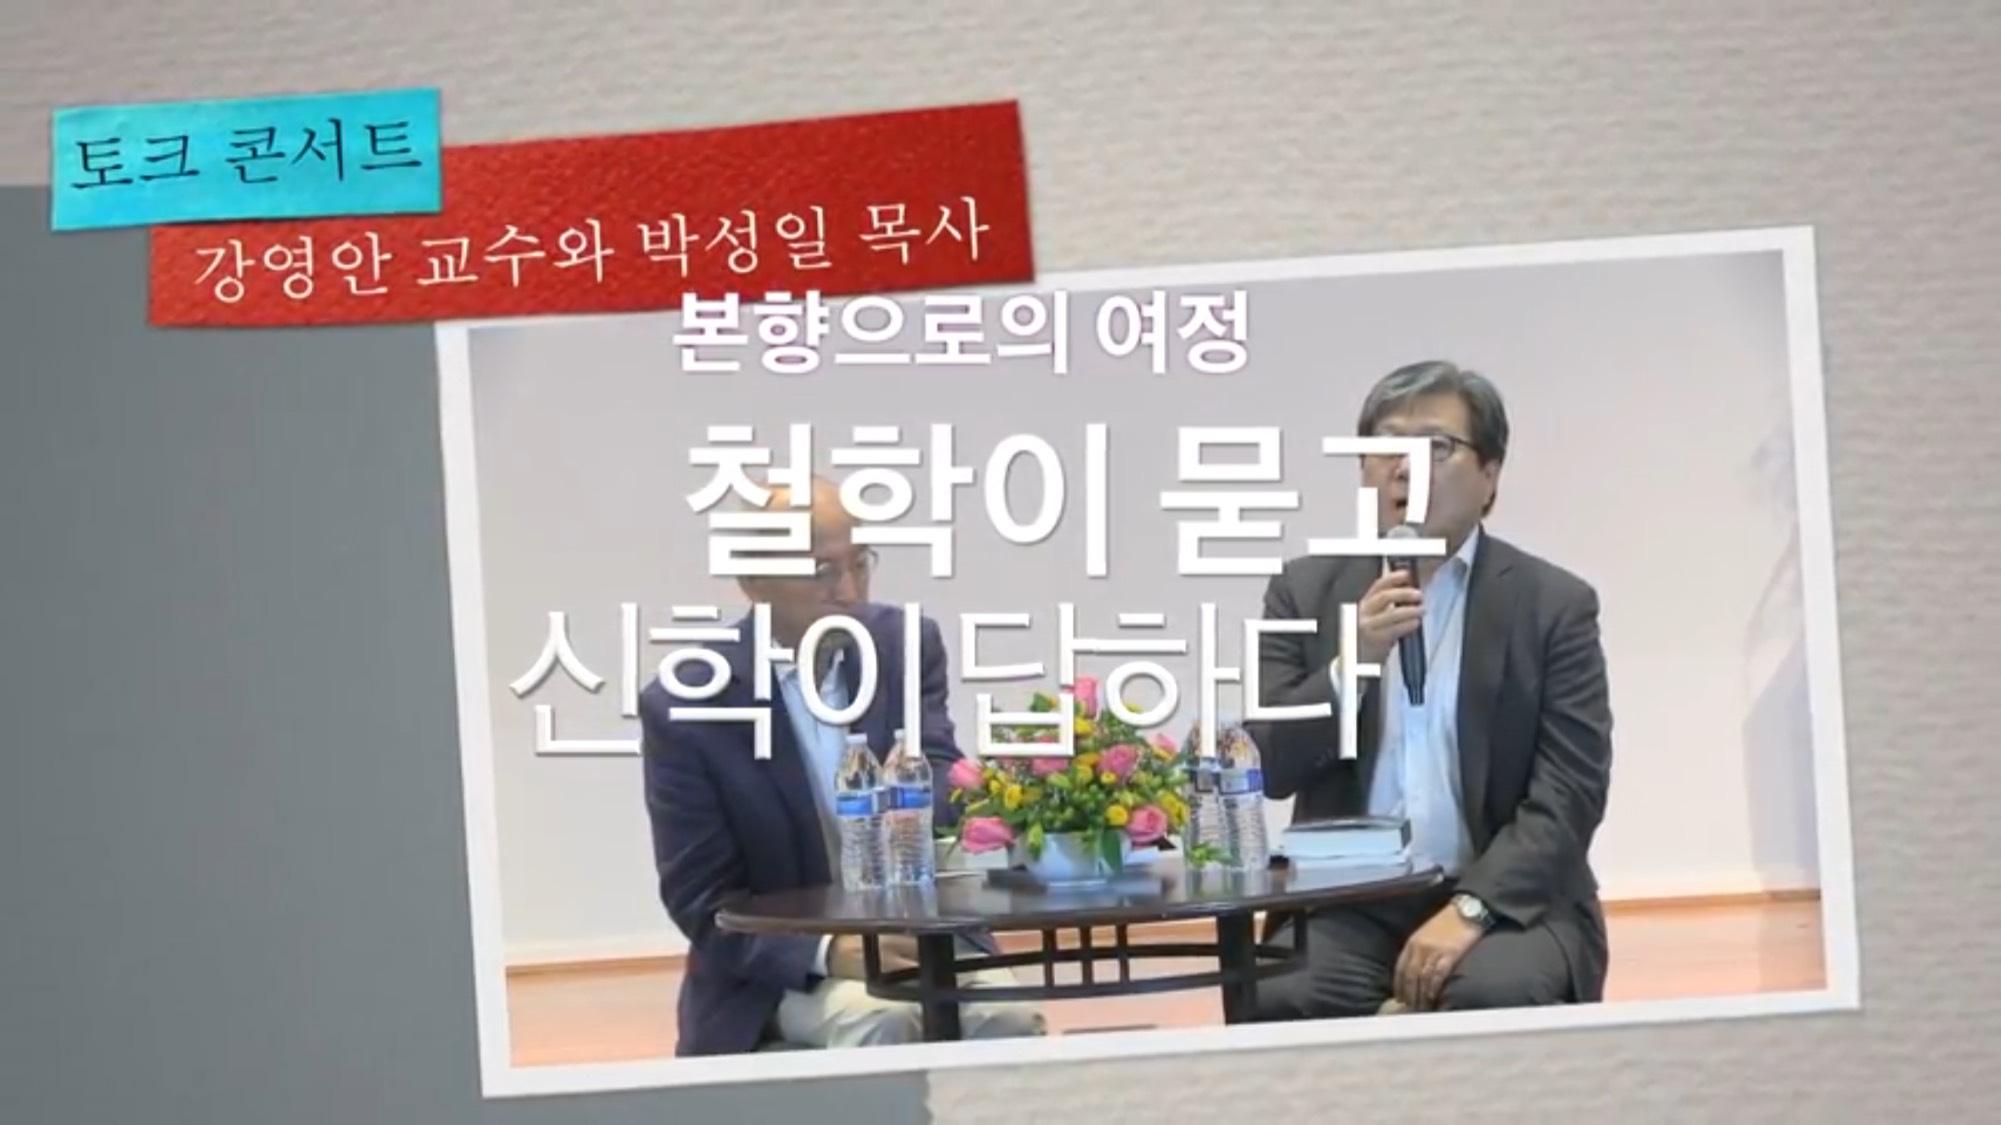 강영안 교수와 박성일 목사의 토크콘서트  본향으로의 여정 철학이 묻고 신학이 답하다